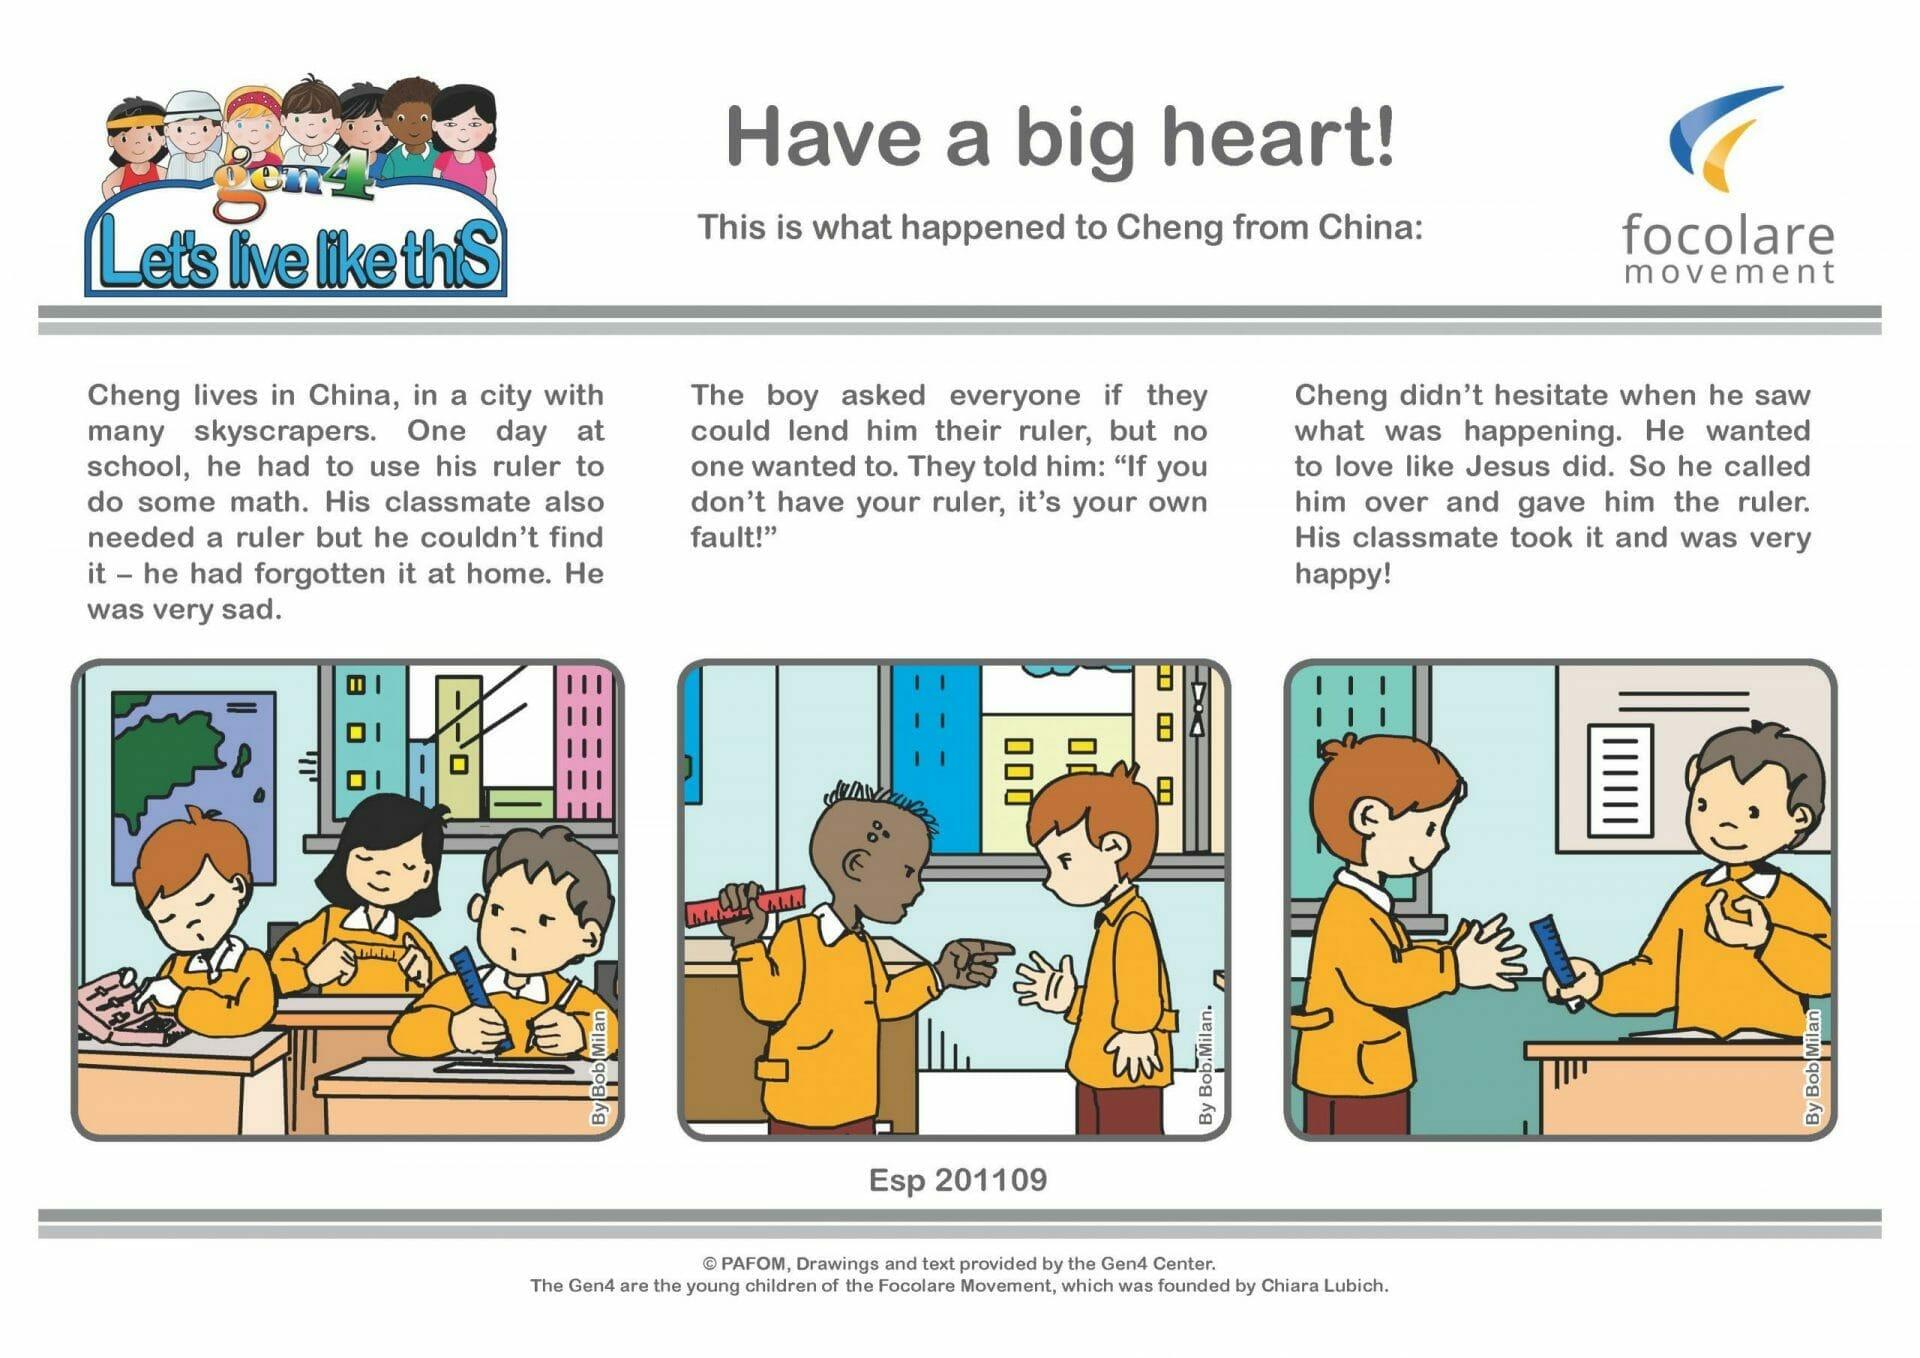 Have a big heart!